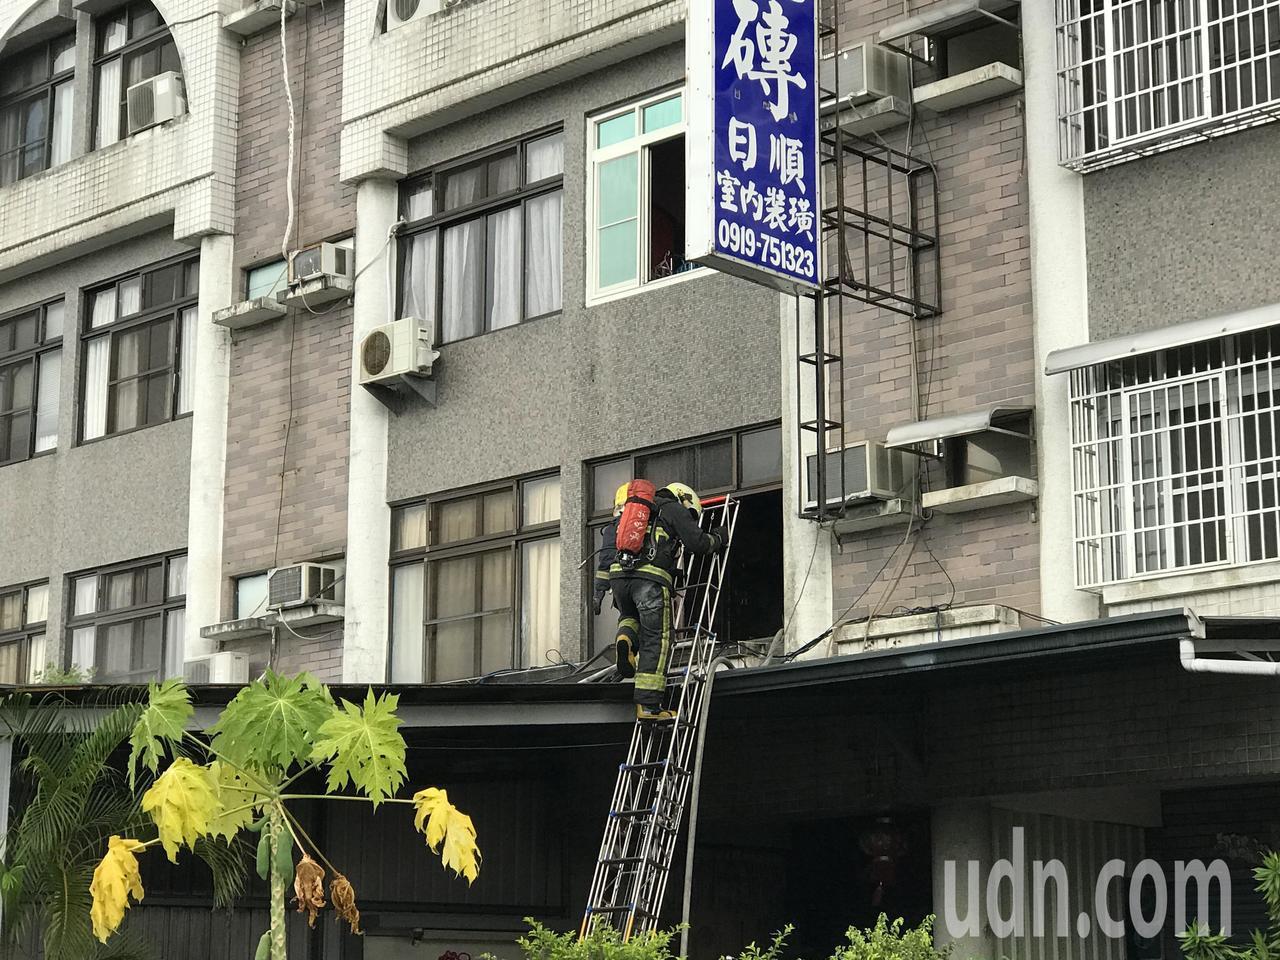 屏東市瑞光路三段一棟4樓透天民宅,一樓疑堆放易燃物品起火燃燒,消防人員從二樓進入...